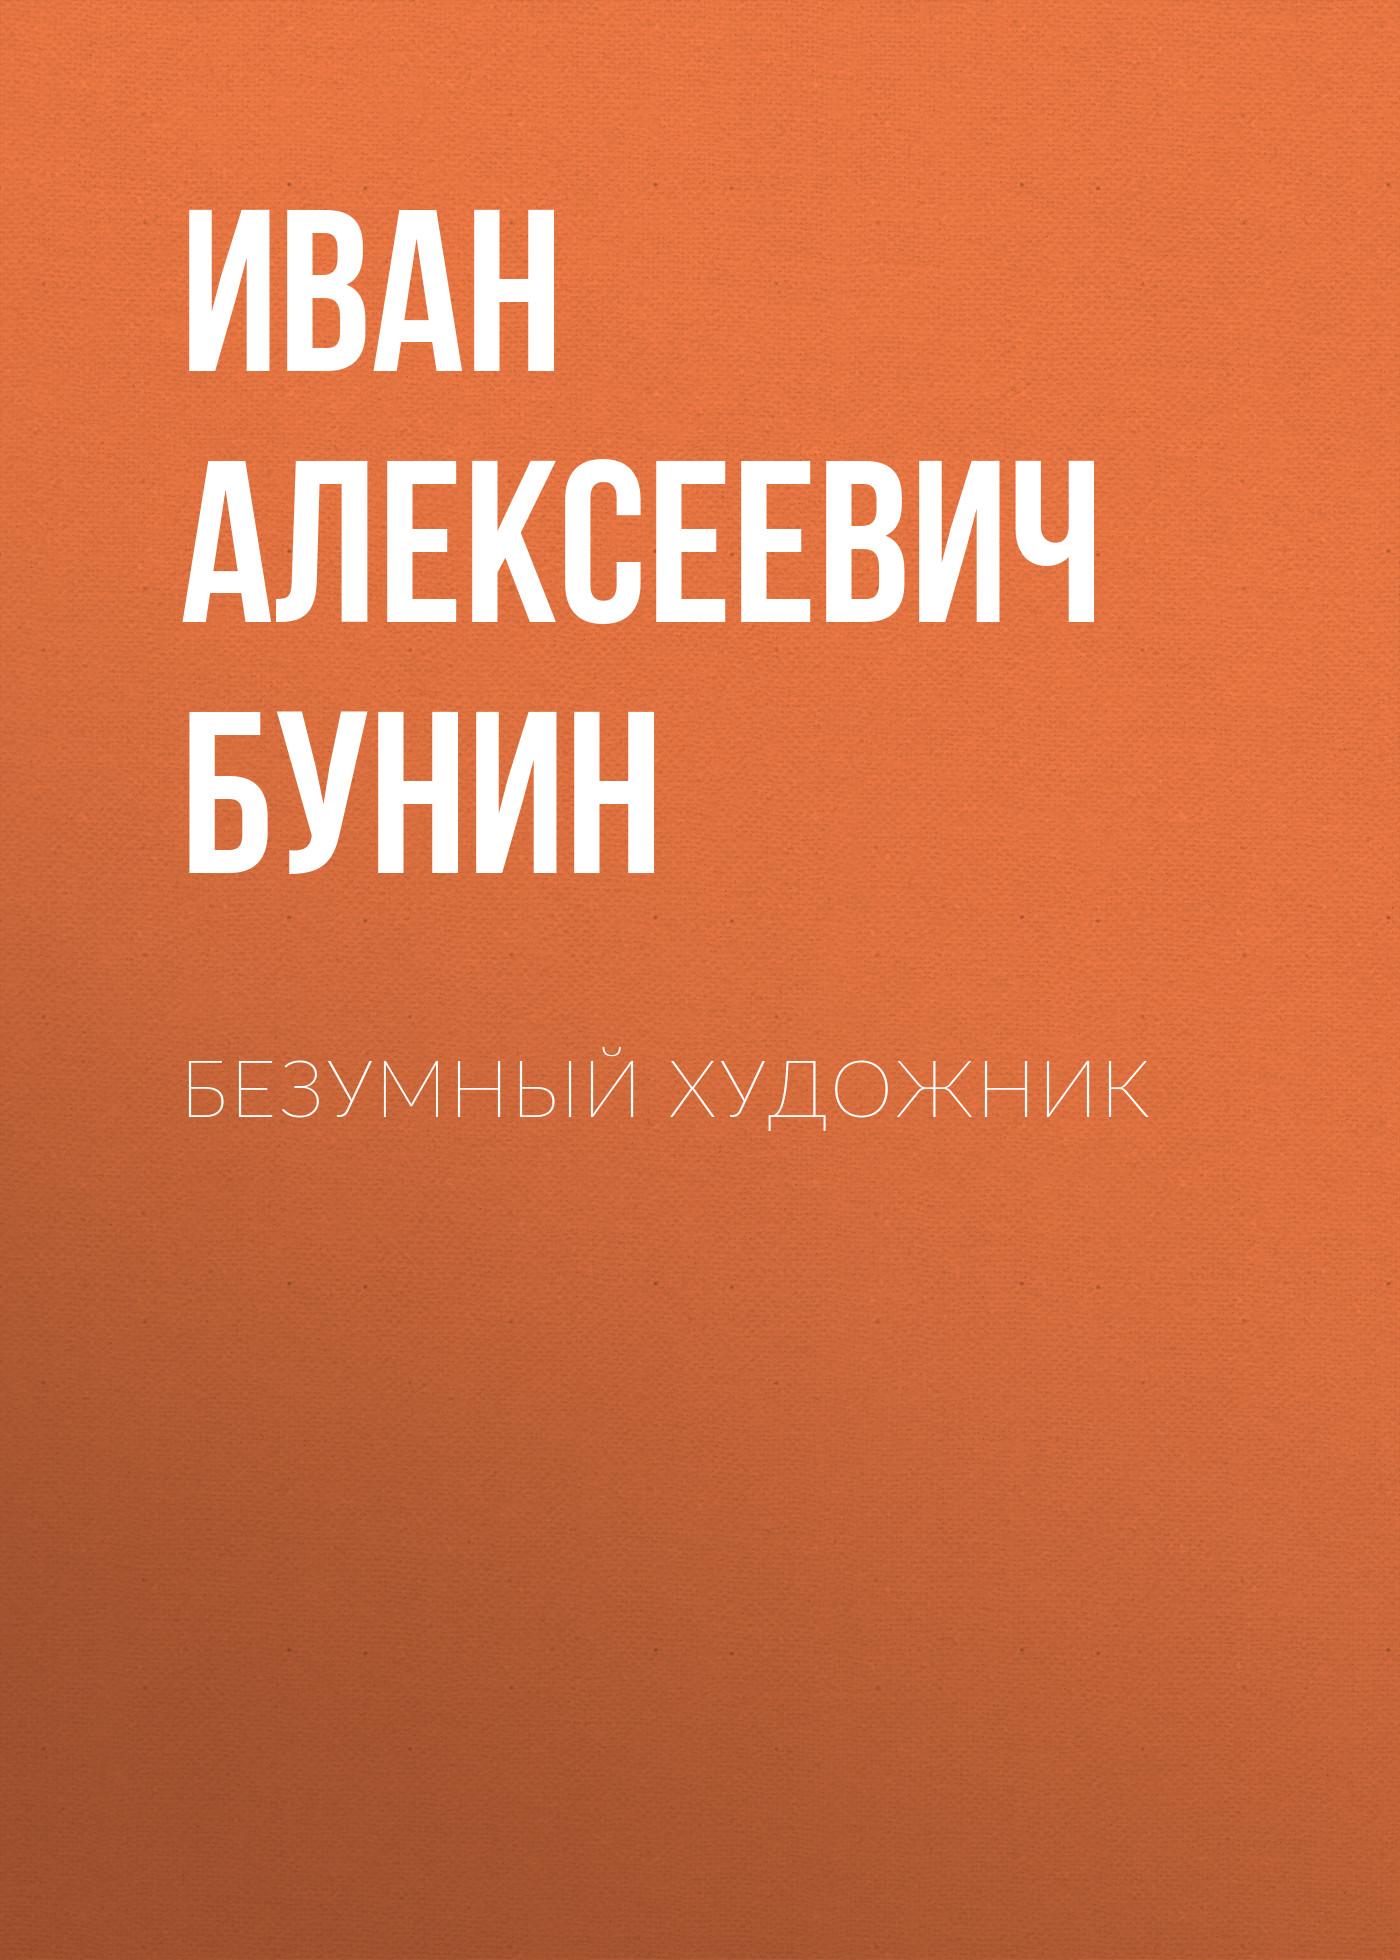 bezumnyy khudozhnik